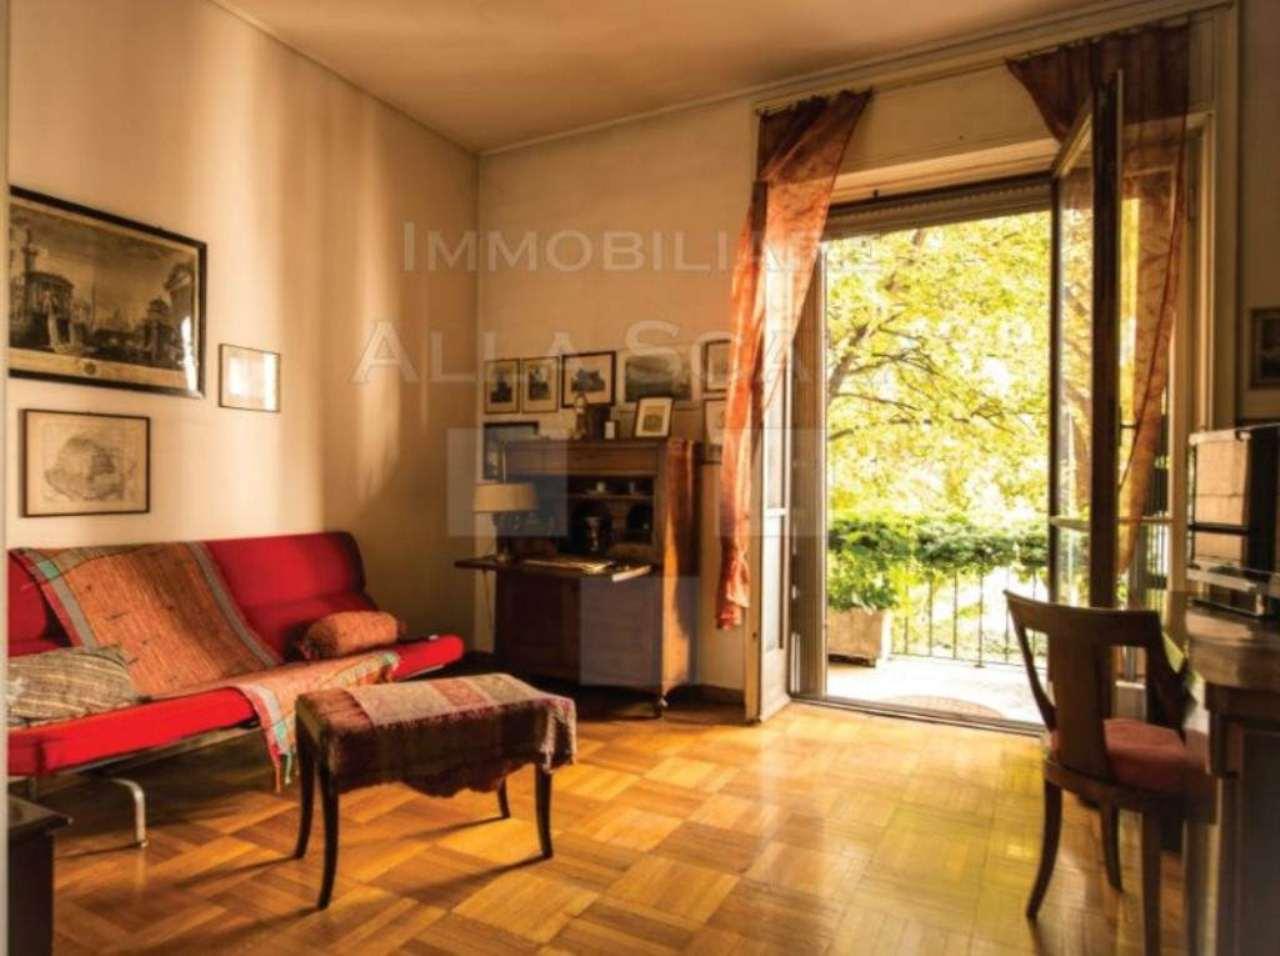 Appartamento in Vendita a Milano: 5 locali, 245 mq - Foto 3